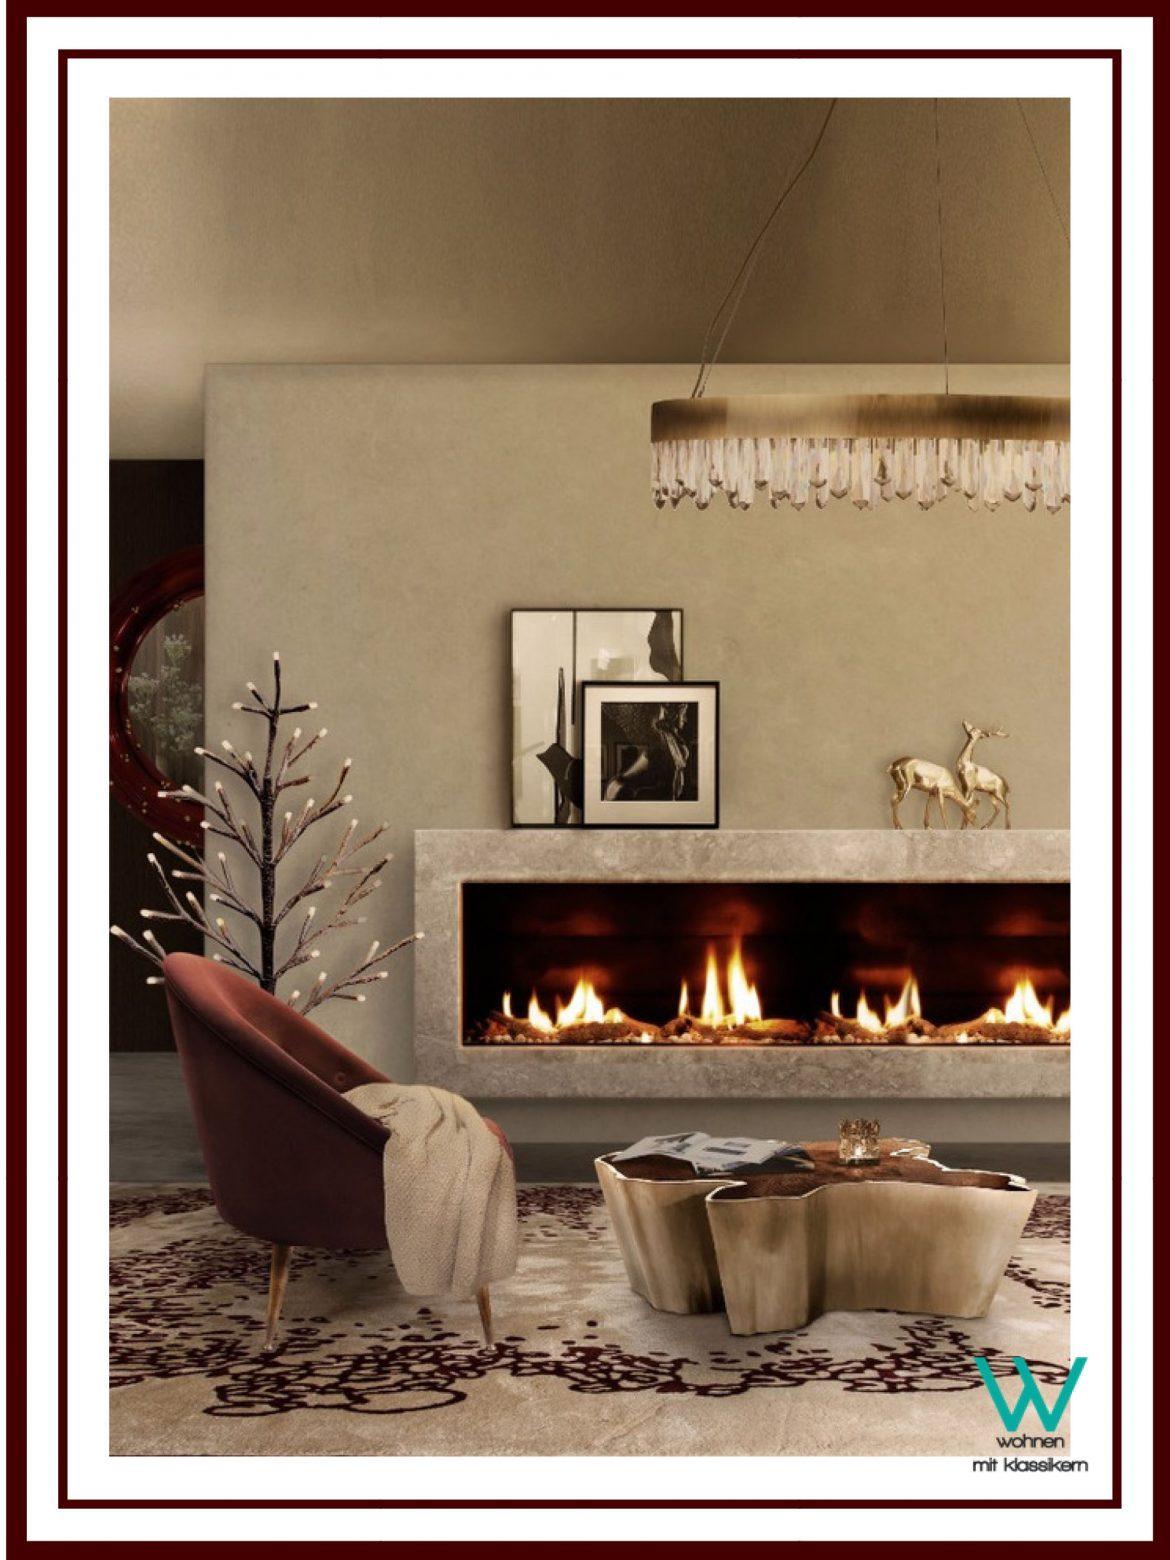 luxuriöse Möbel Das luxuriöse Möbel Geheimnisse der Gemütlichkeit DAS LUXURI  SE GEHEIMNIS DER GEM  TLICHKEIT 7